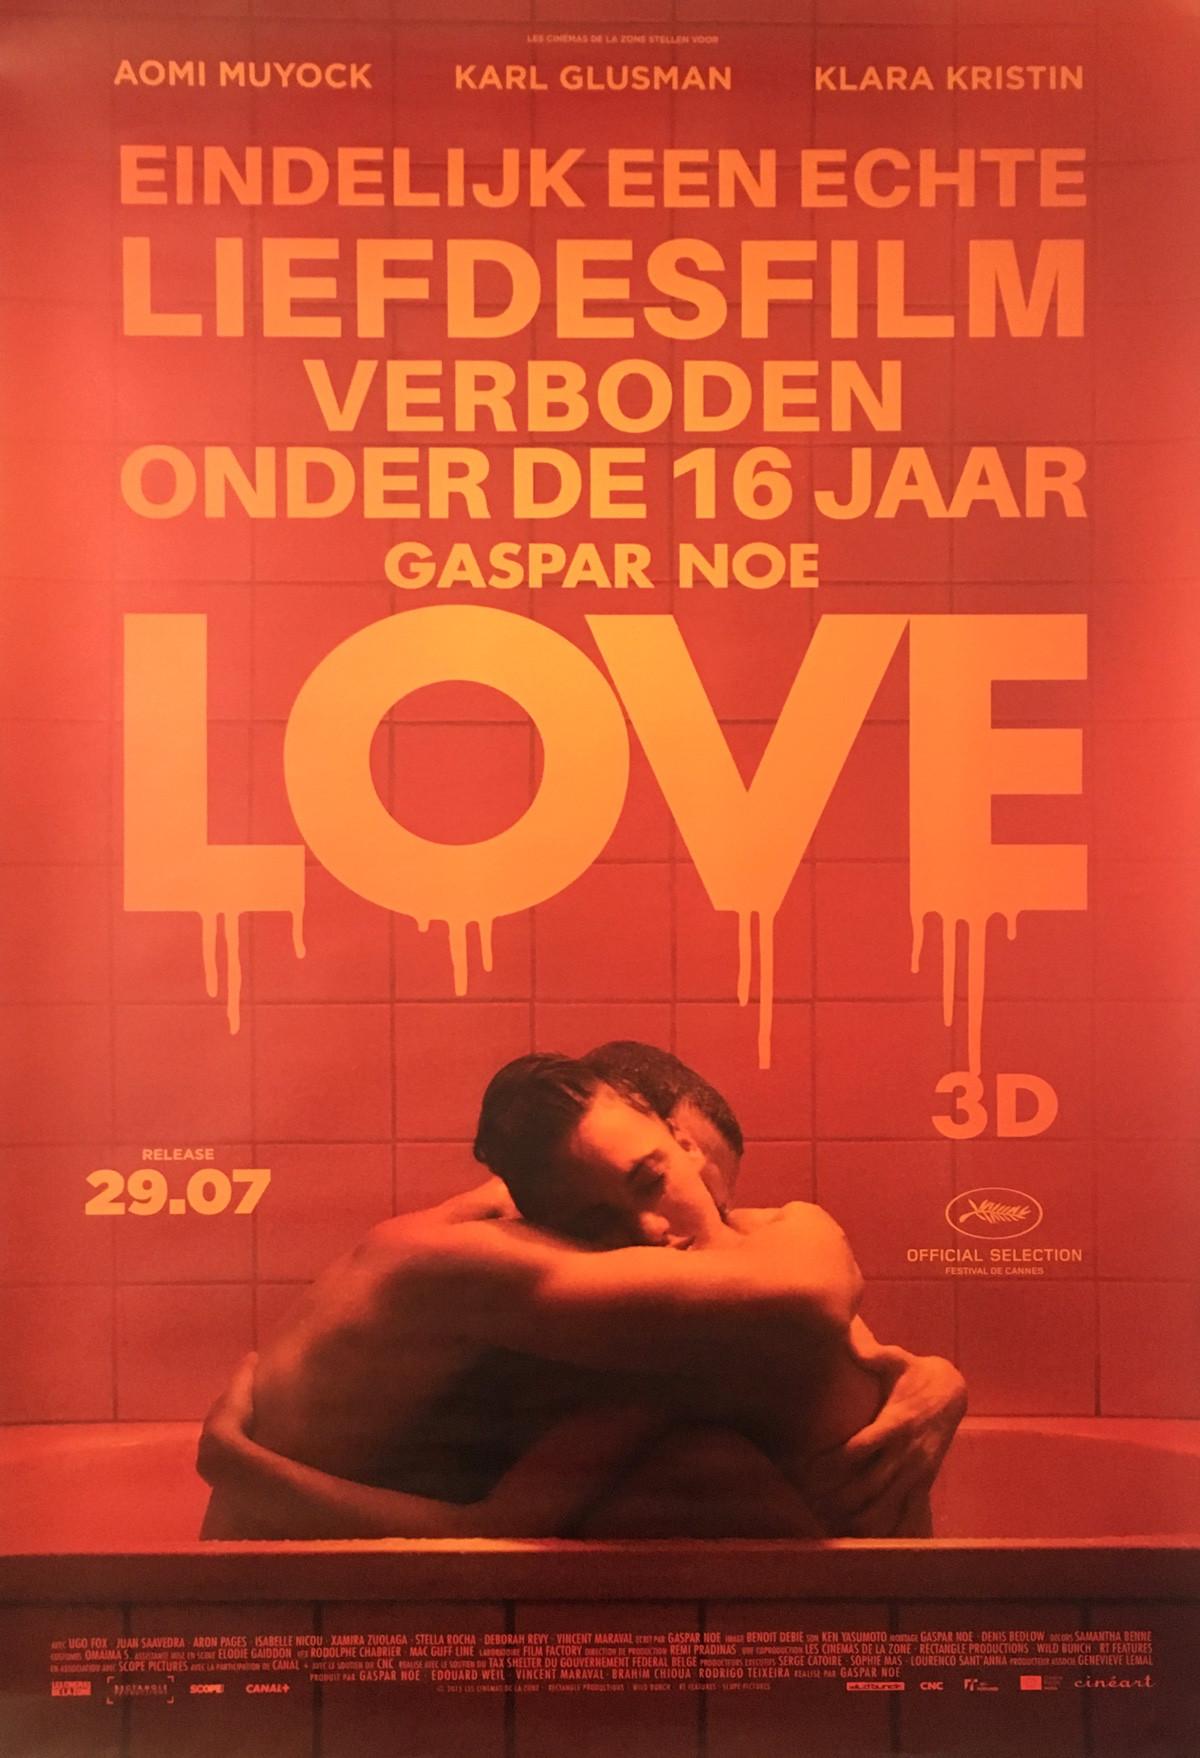 Últimas películas que has visto - (Las votaciones de la liga en el primer post) - Página 8 Love15005